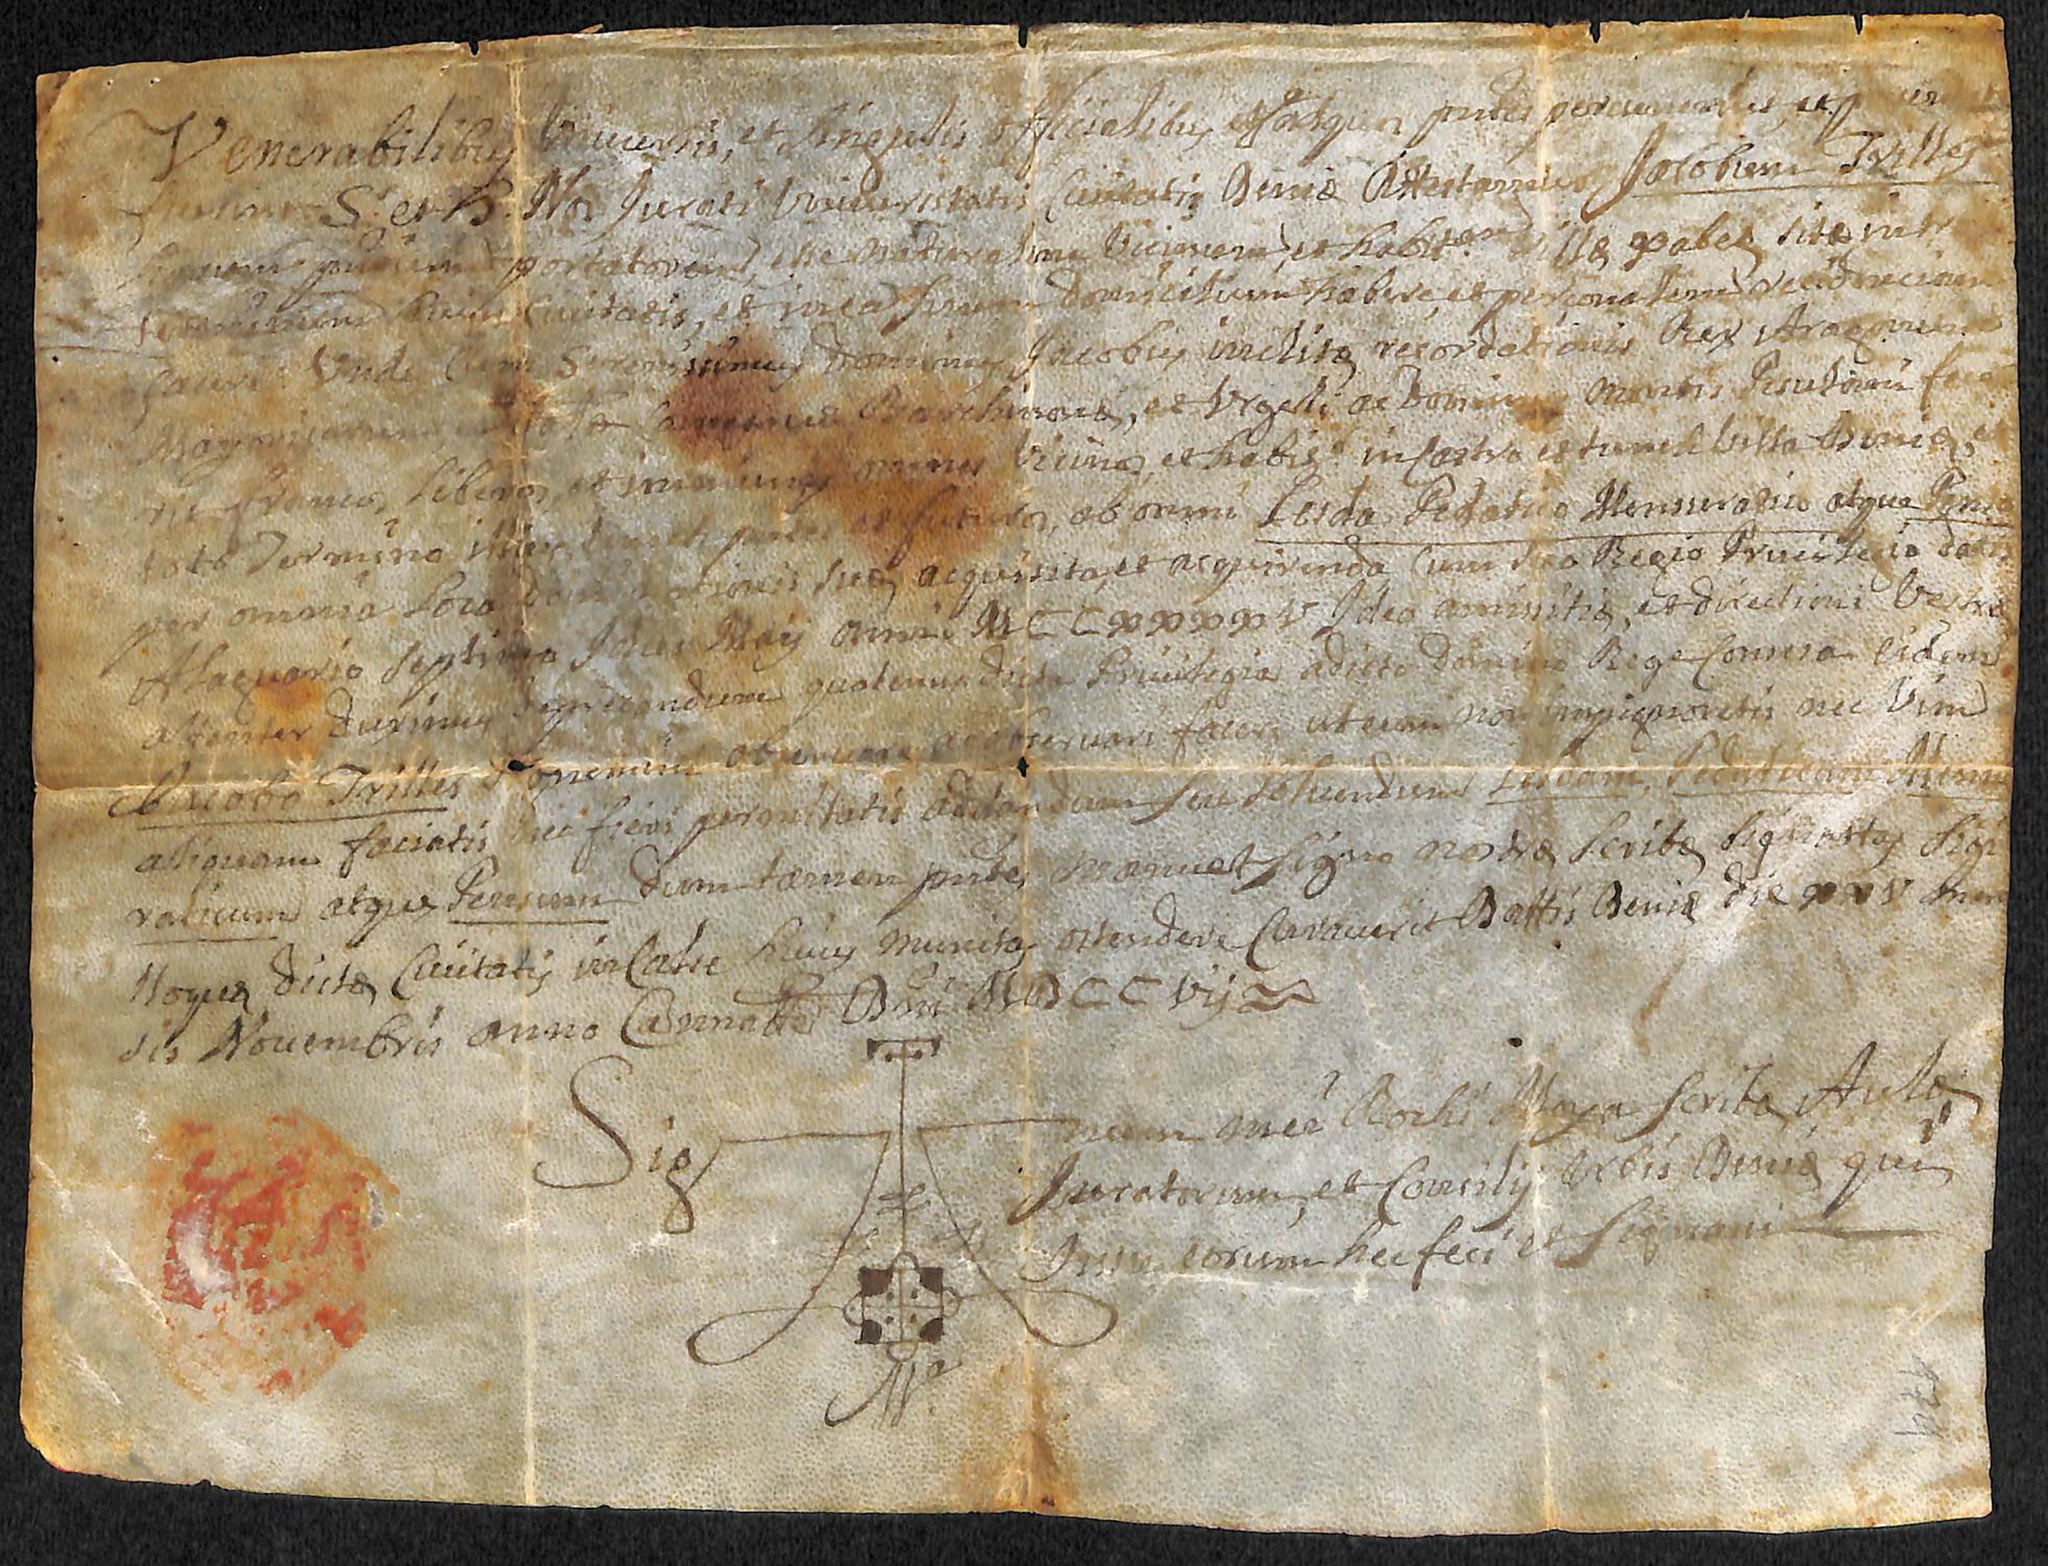 Certificado en pergamino de Jaime Trilles, de 1707. Documento que se encuentra en el Arxiu Municipal de Xàbia